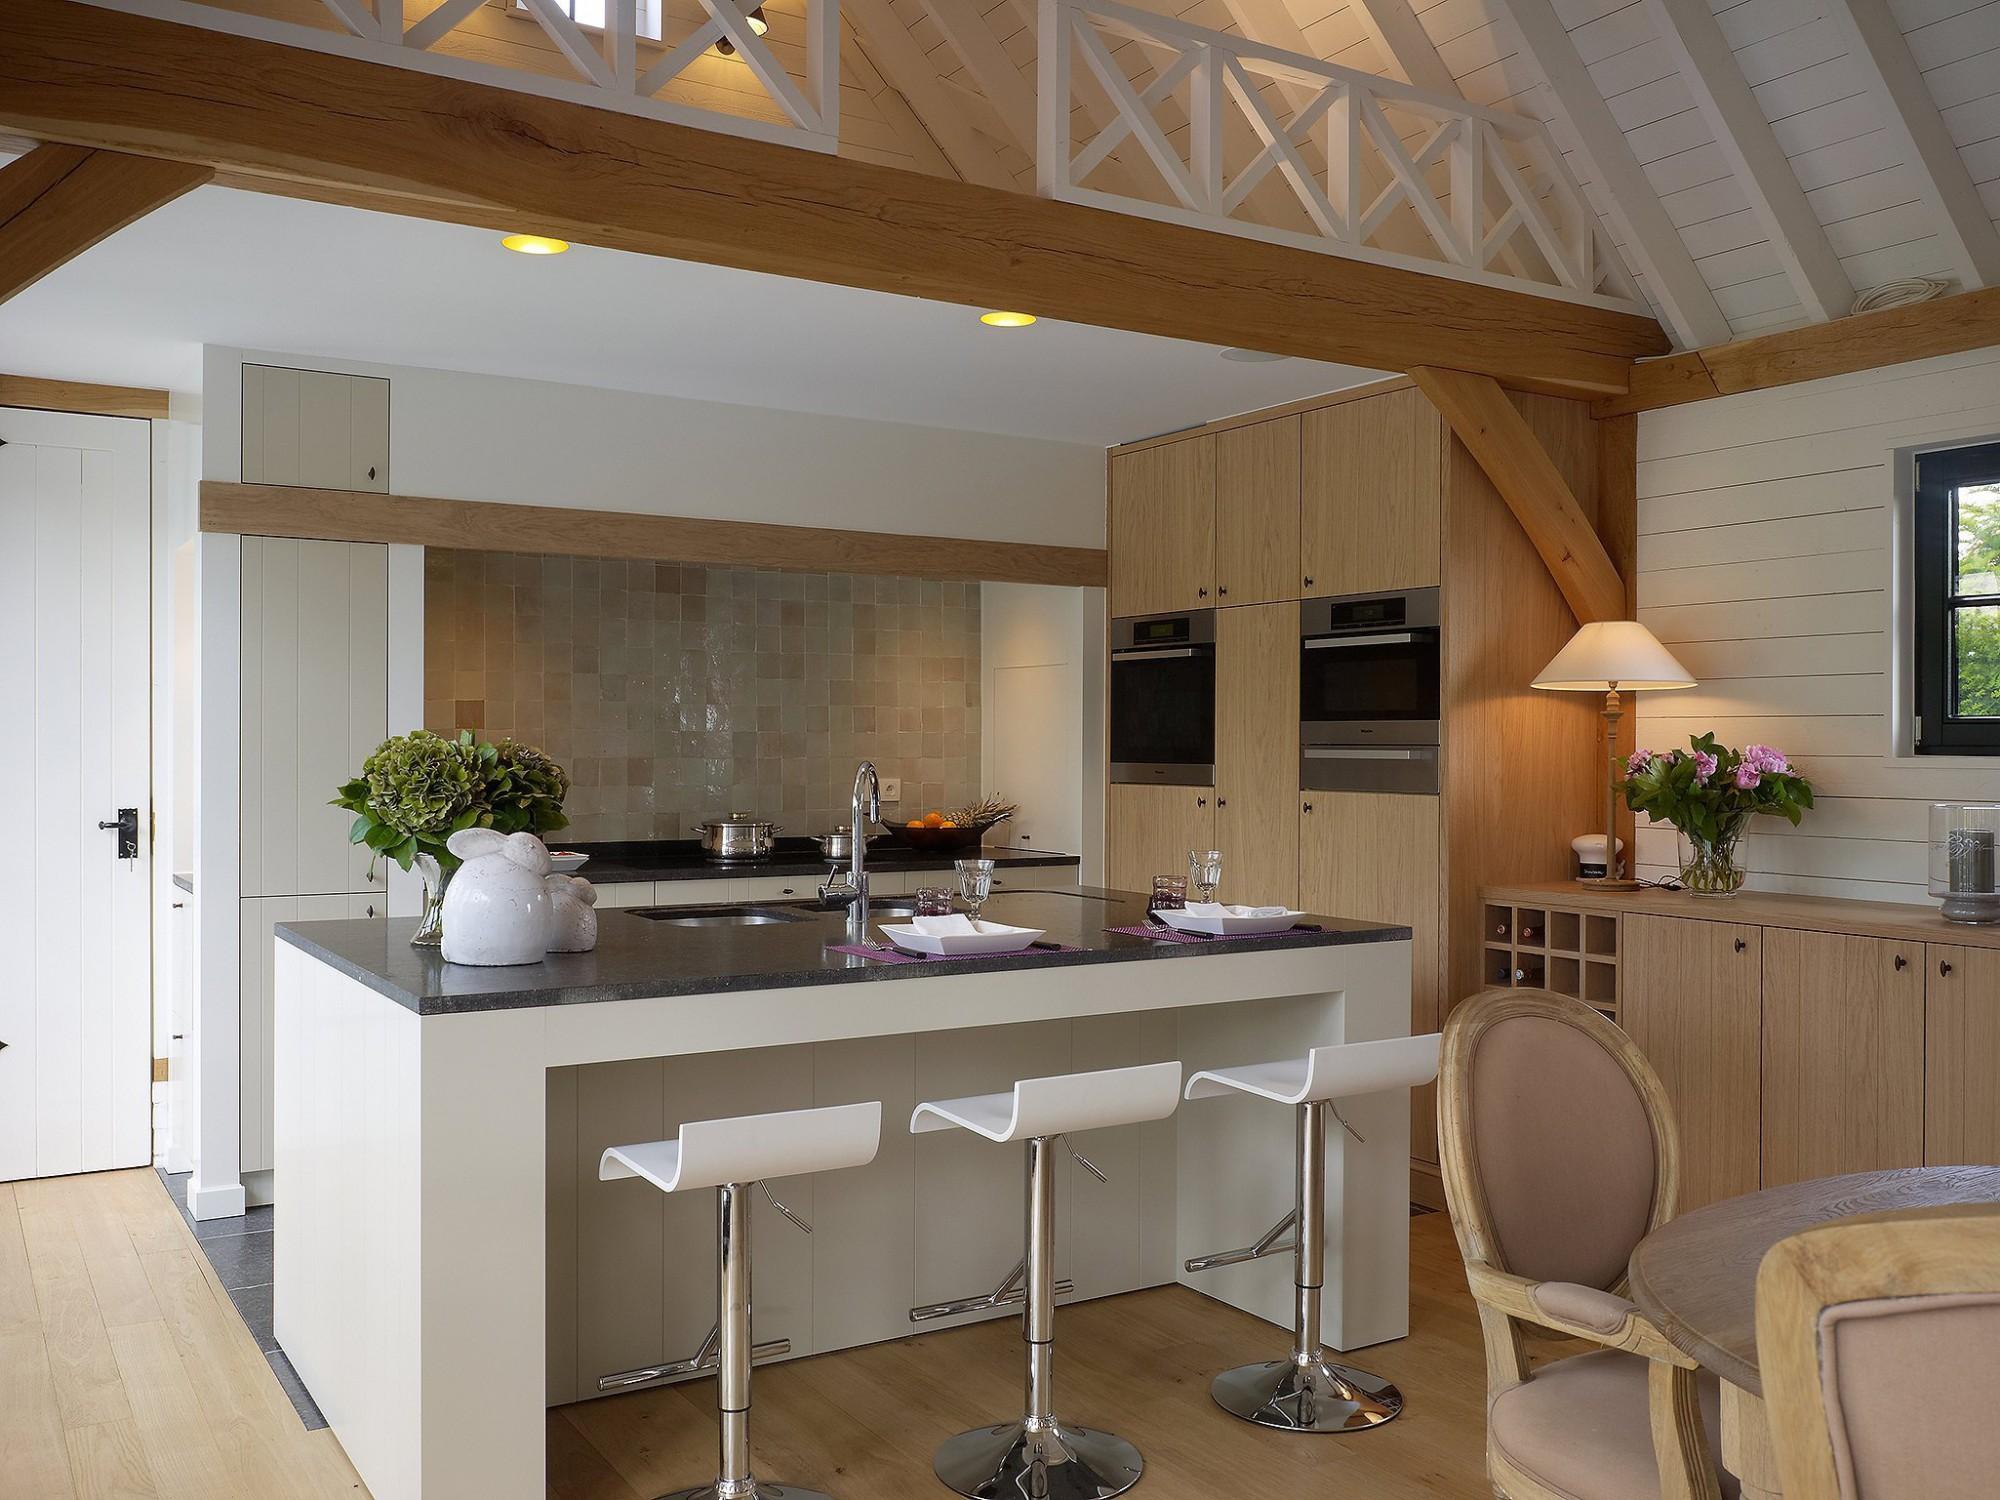 Afbeelding: Fotografie interieur keuken te Elversele voor © Heritage Building.